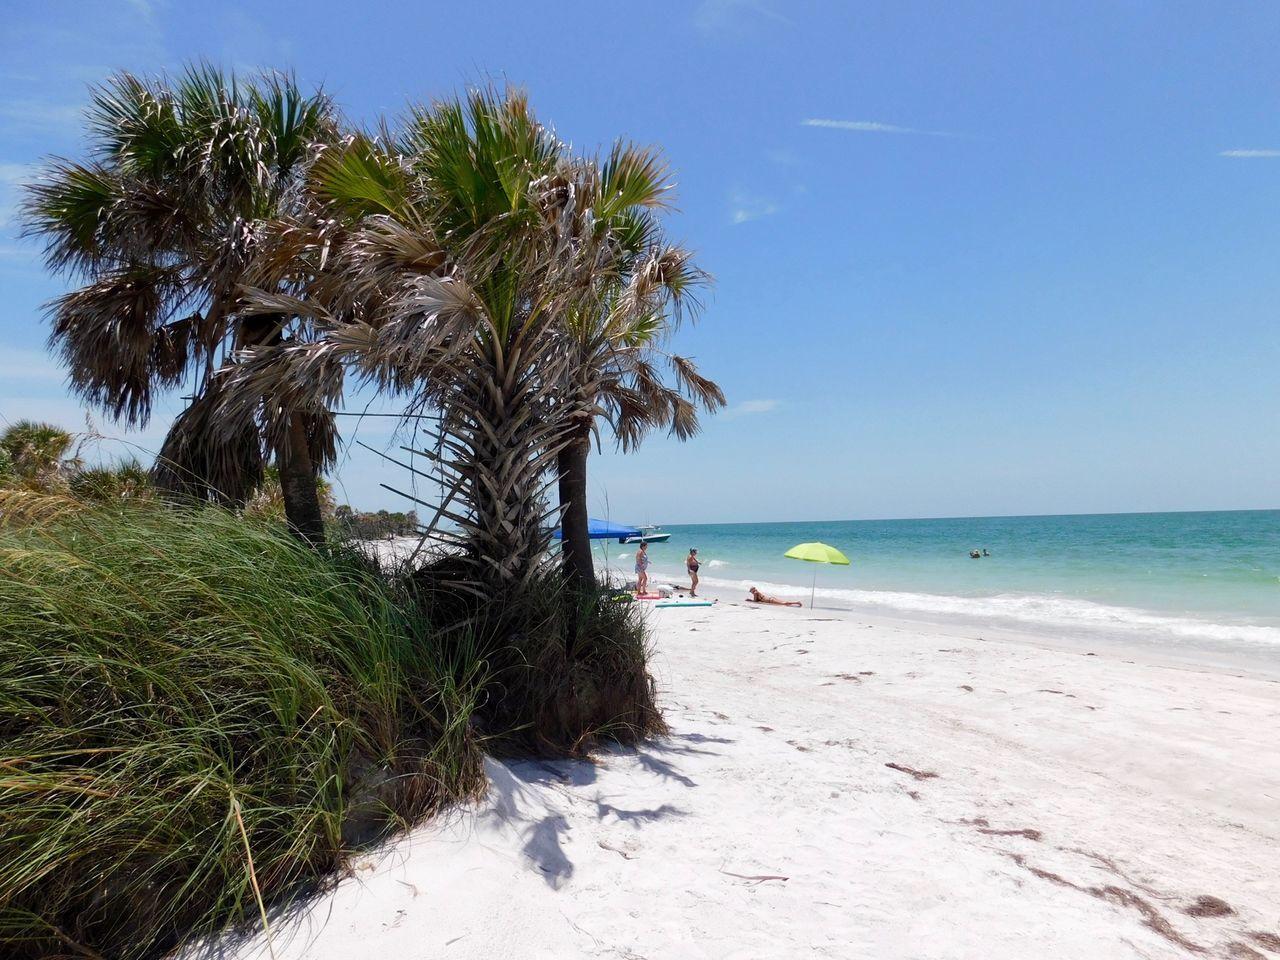 Egmont Key Ile Floride 7568 Le Courrier De Floride